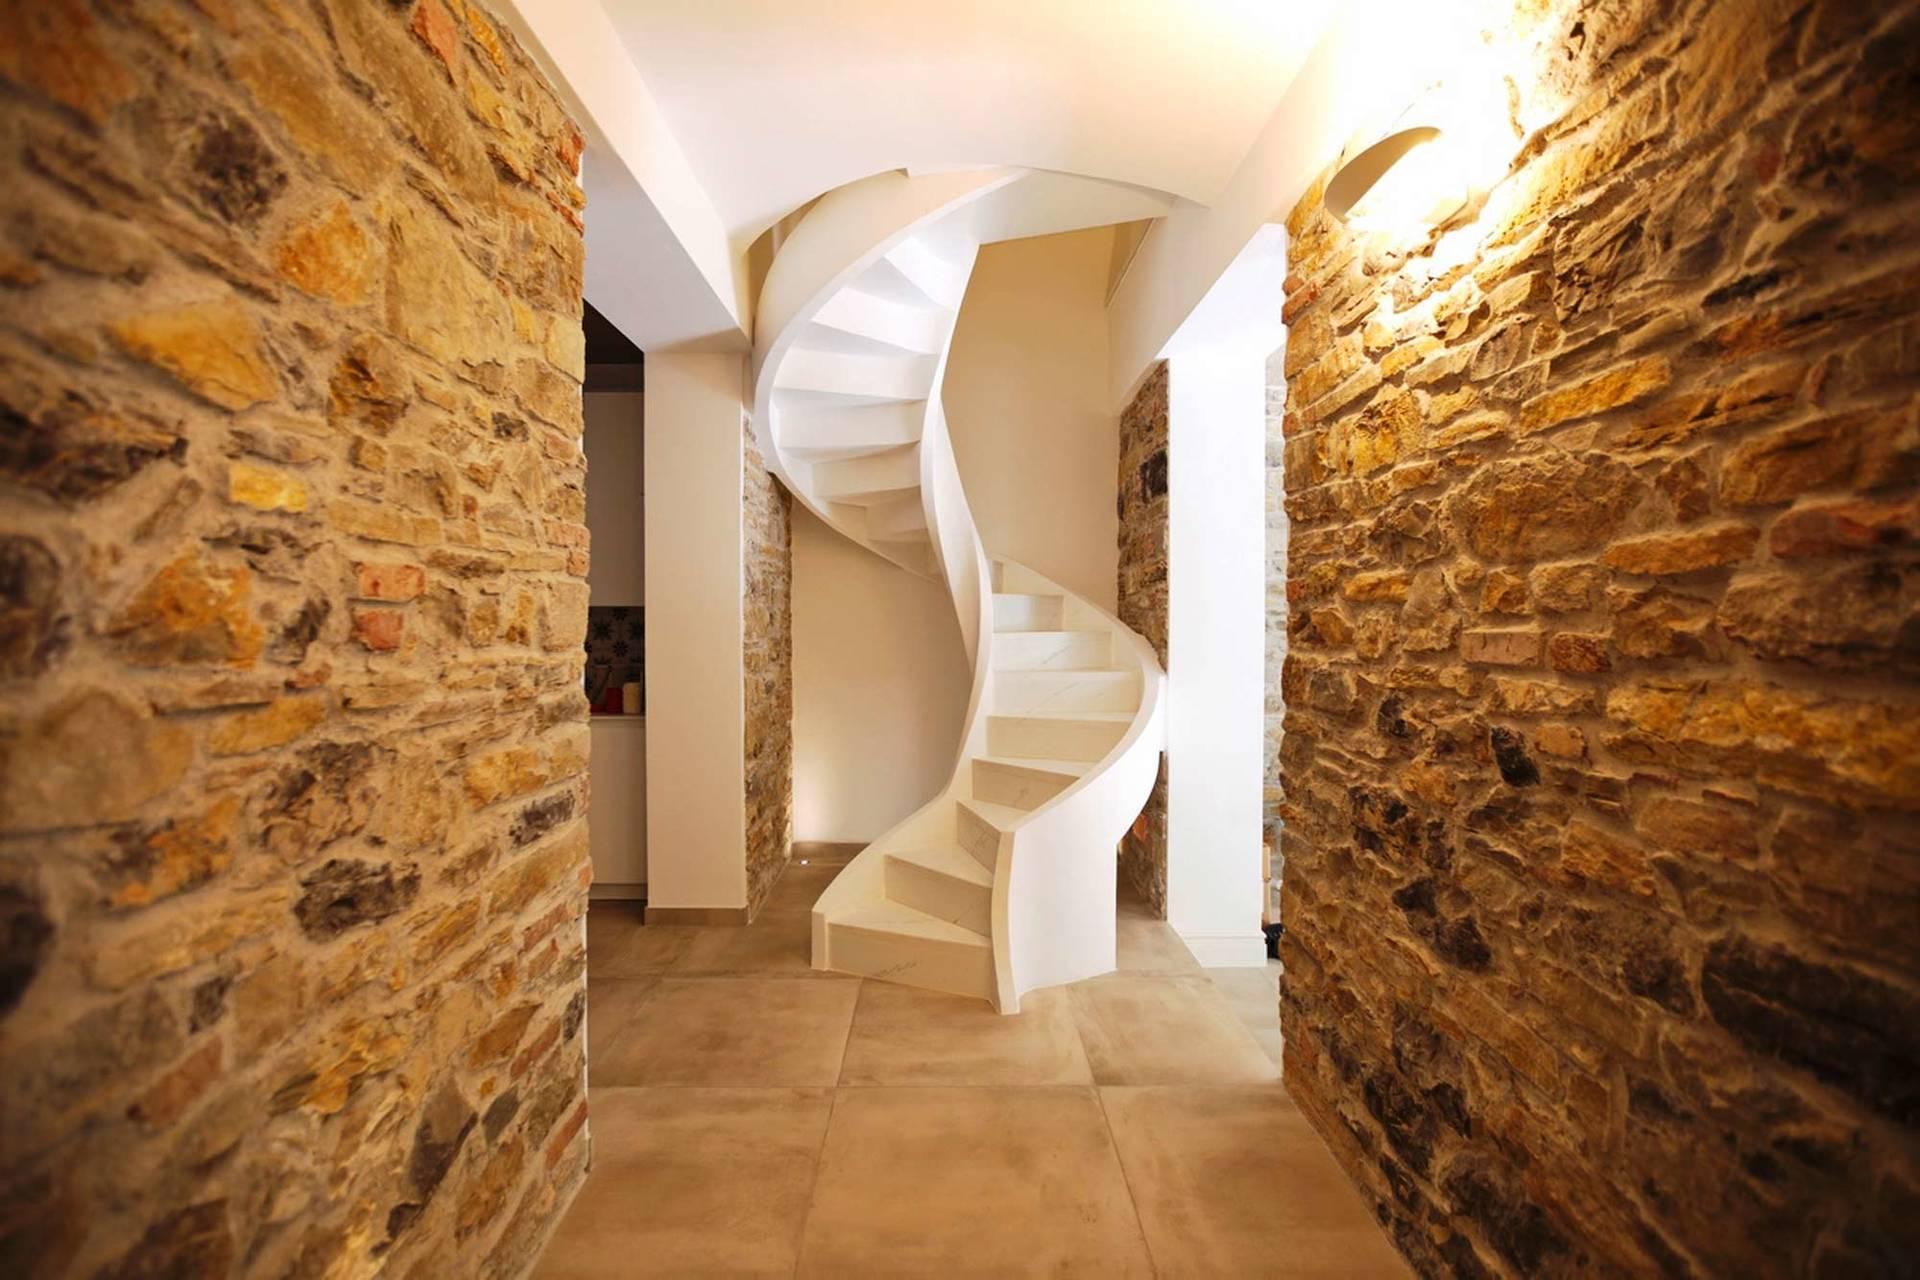 pareti in pietre con una scala interna bianca